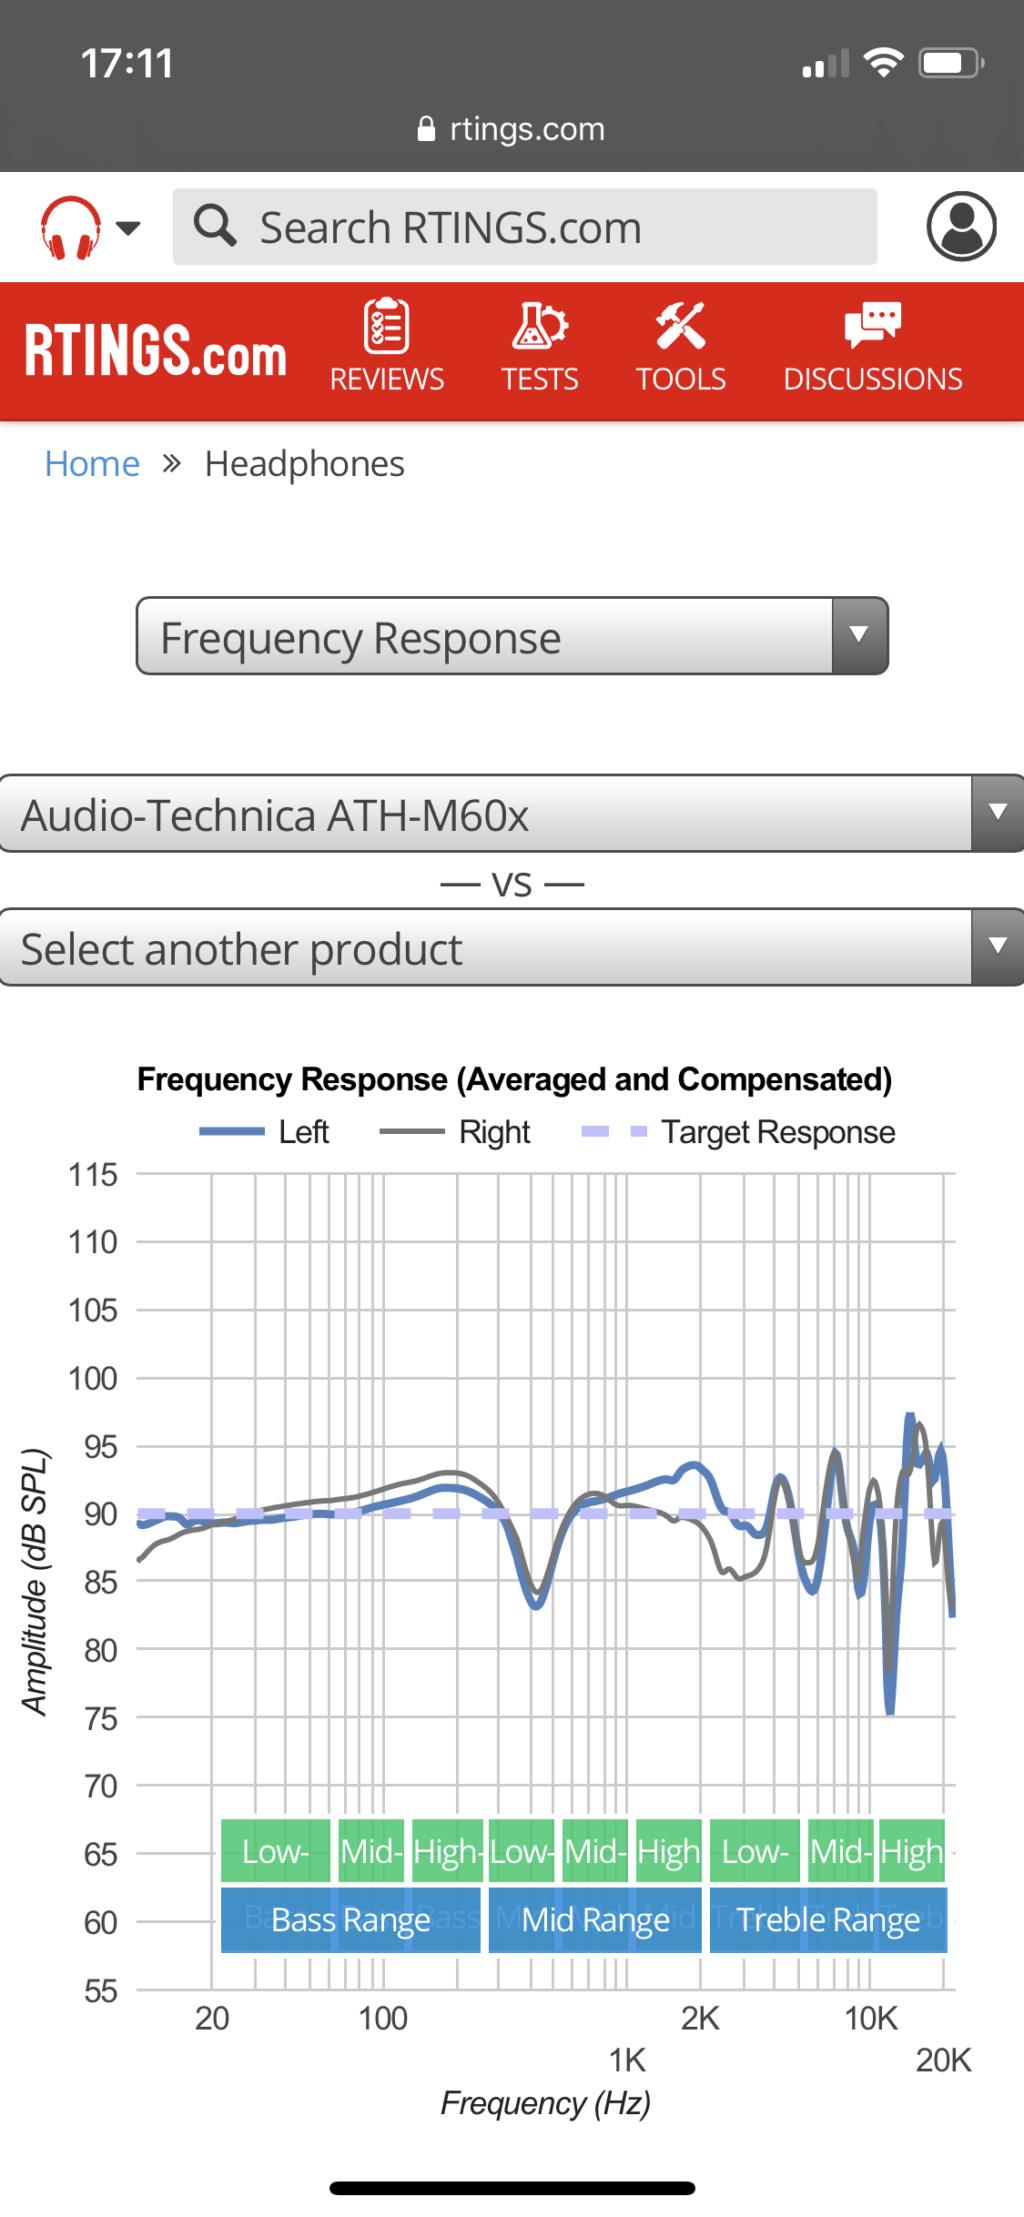 Audio-Technica ATH-M60x 8f305310